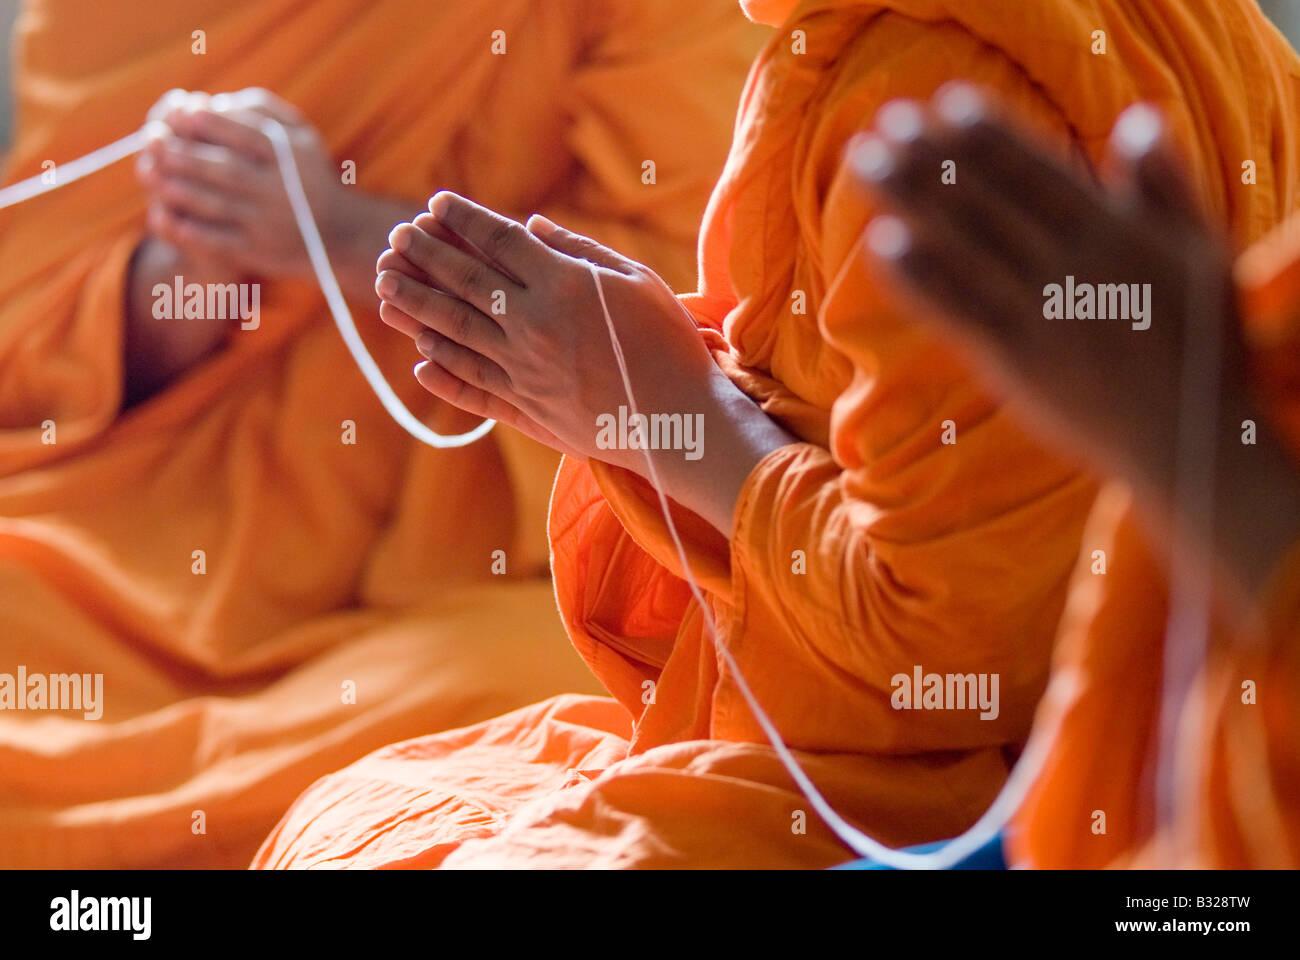 Monjes Budistas Tailandeses Manos Orando Foto Imagen De Stock